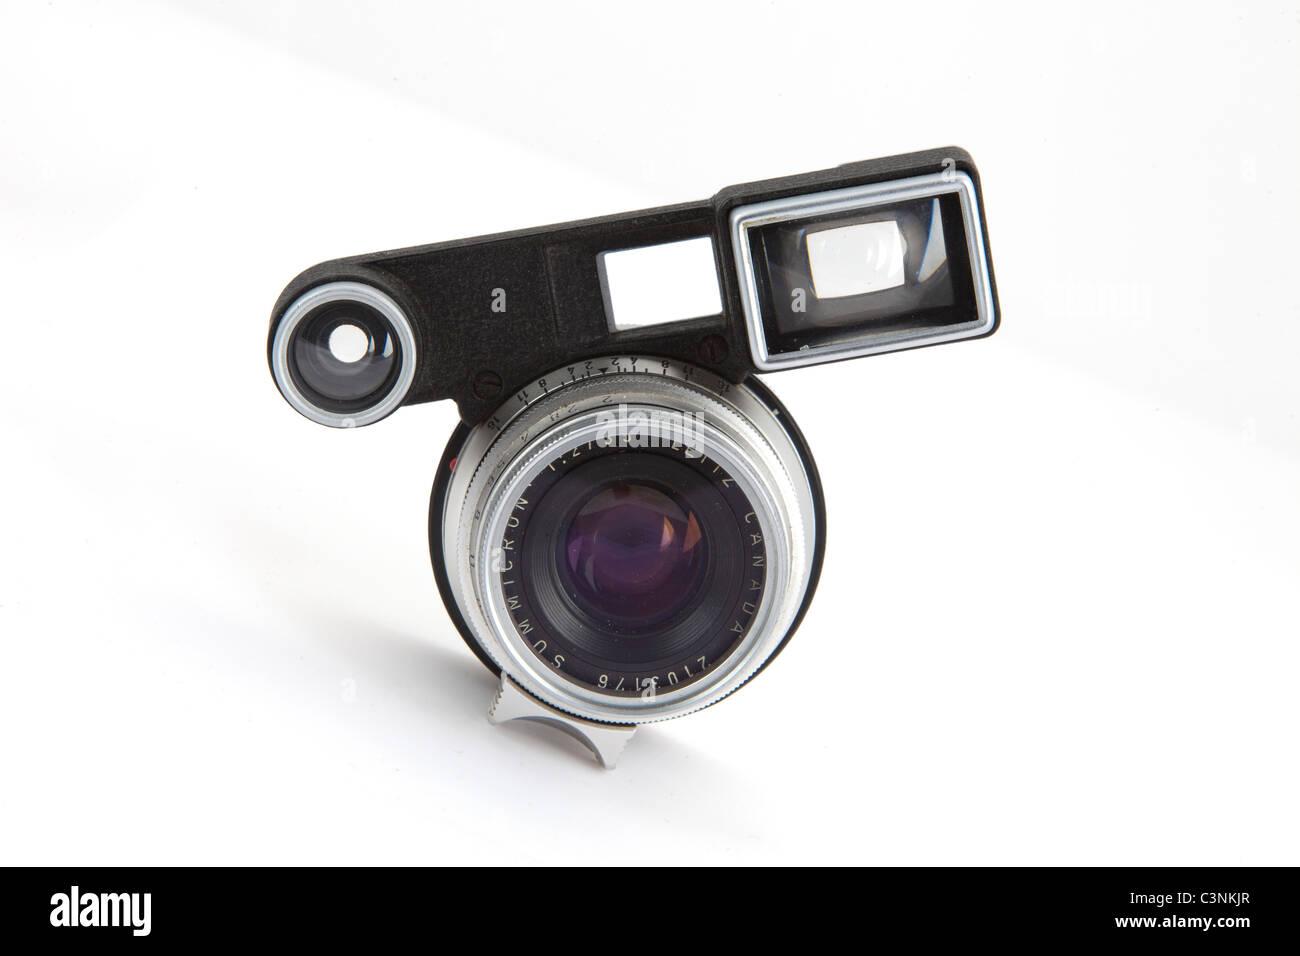 Leica ultravid br schwarz mit etui jetzt kaufen